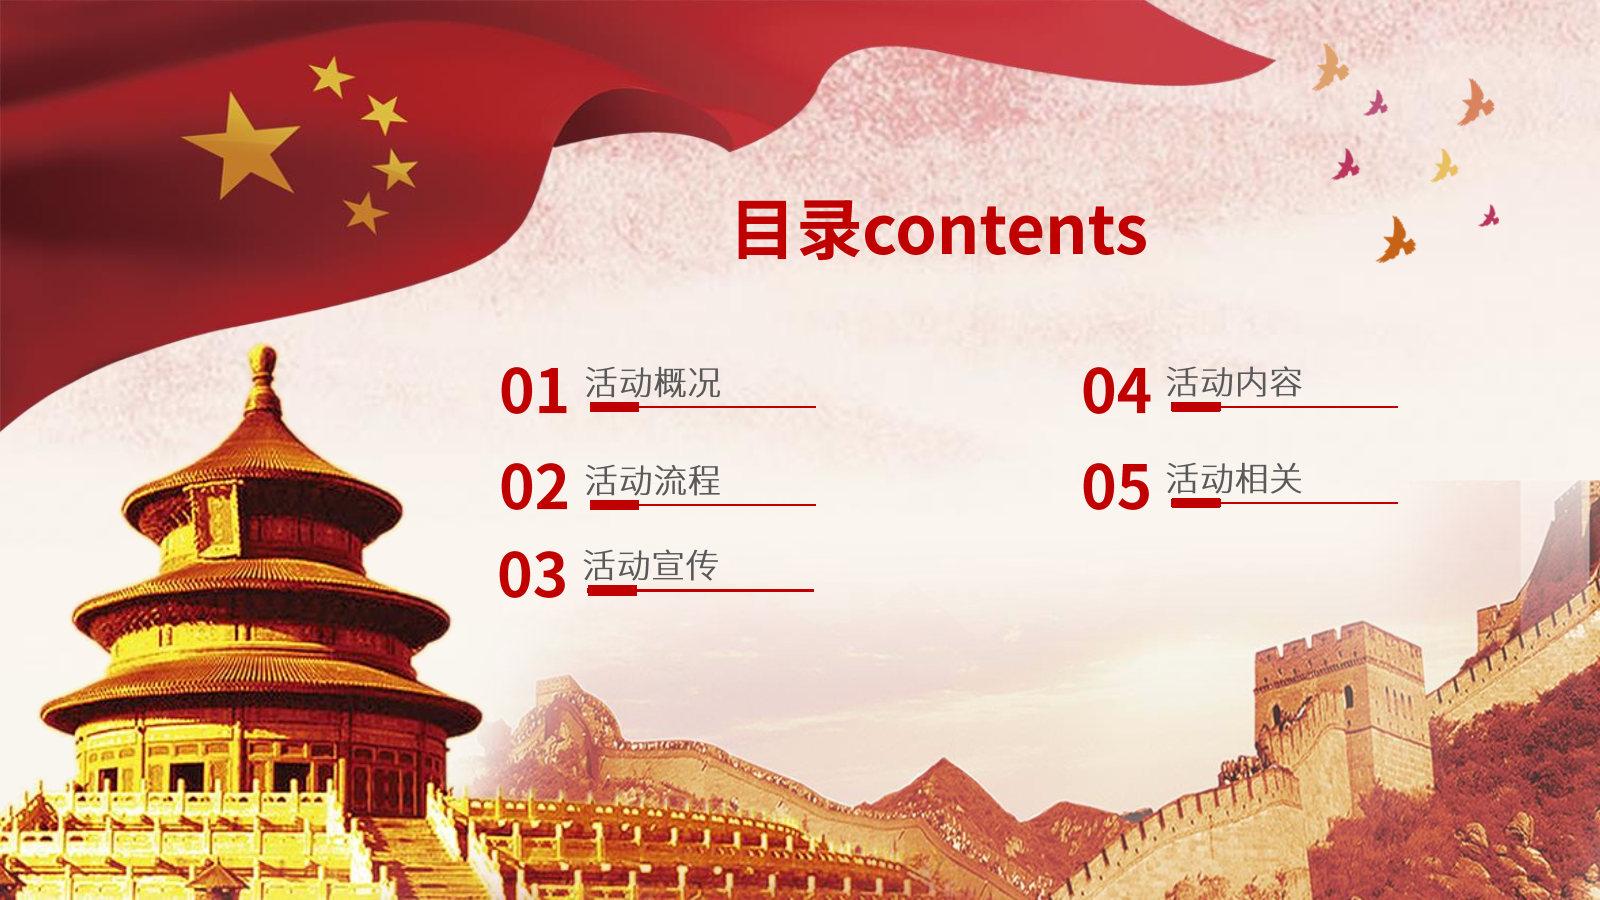 2021年广东公益体彩进社区(珠海站)活动策划方案@众暖策划_Page2.jpg